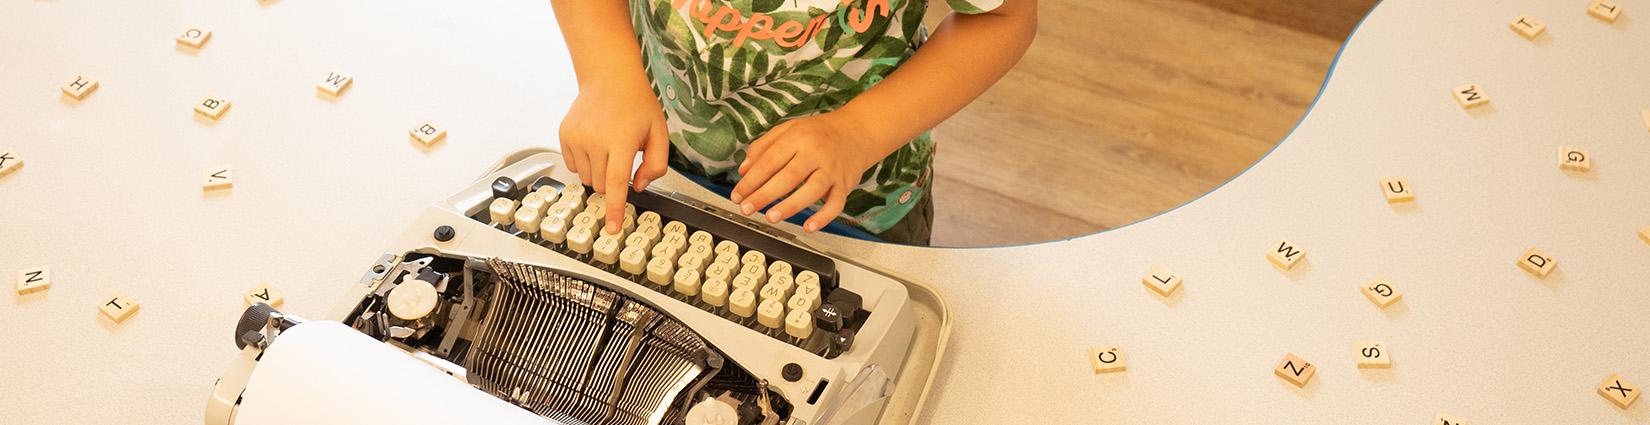 little hands typing on typewriter